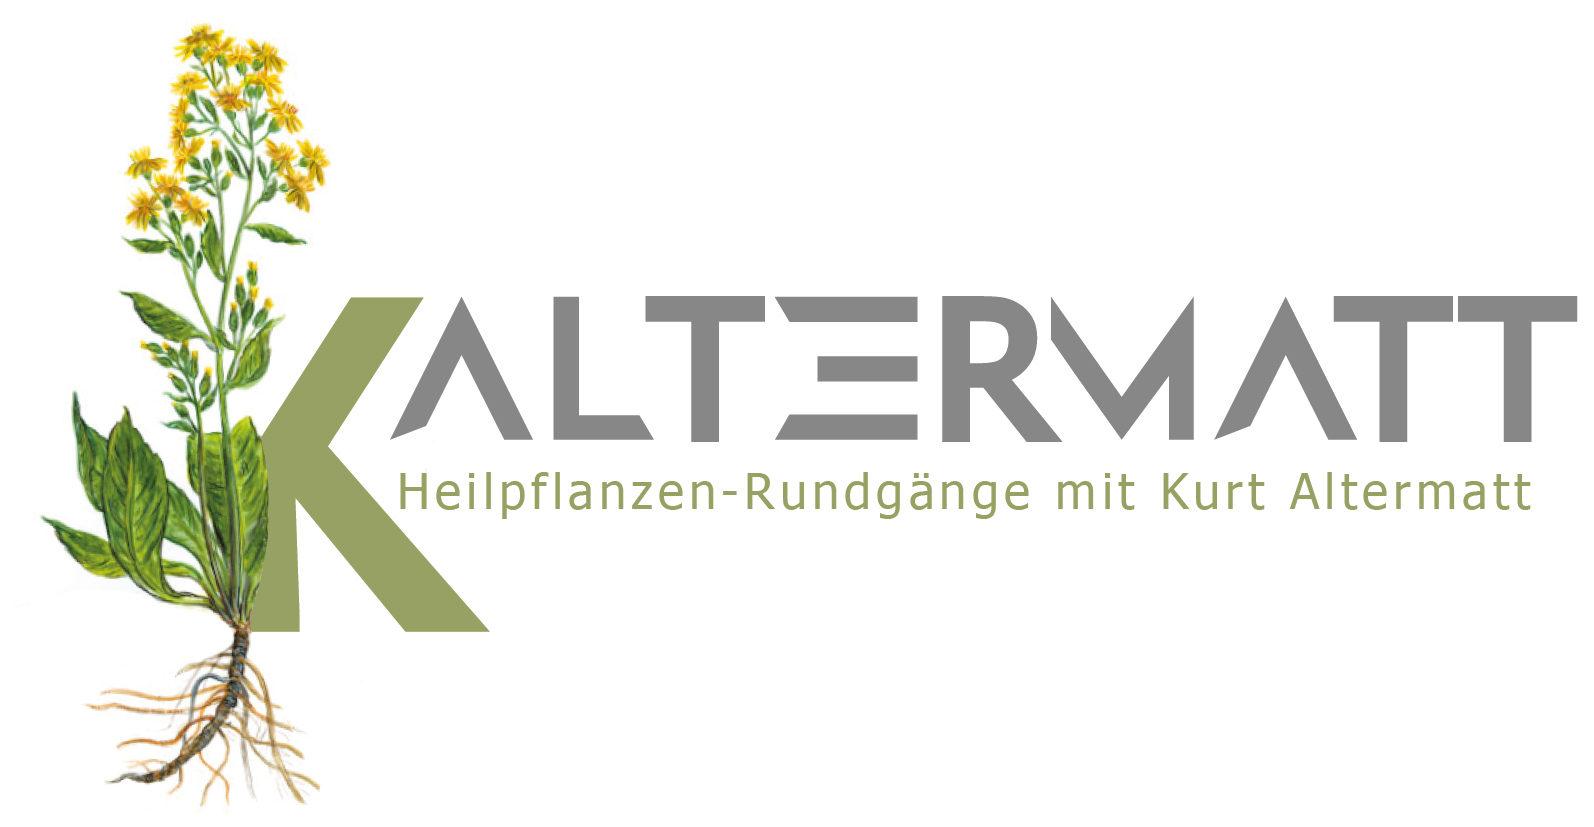 Kurt Altermatt